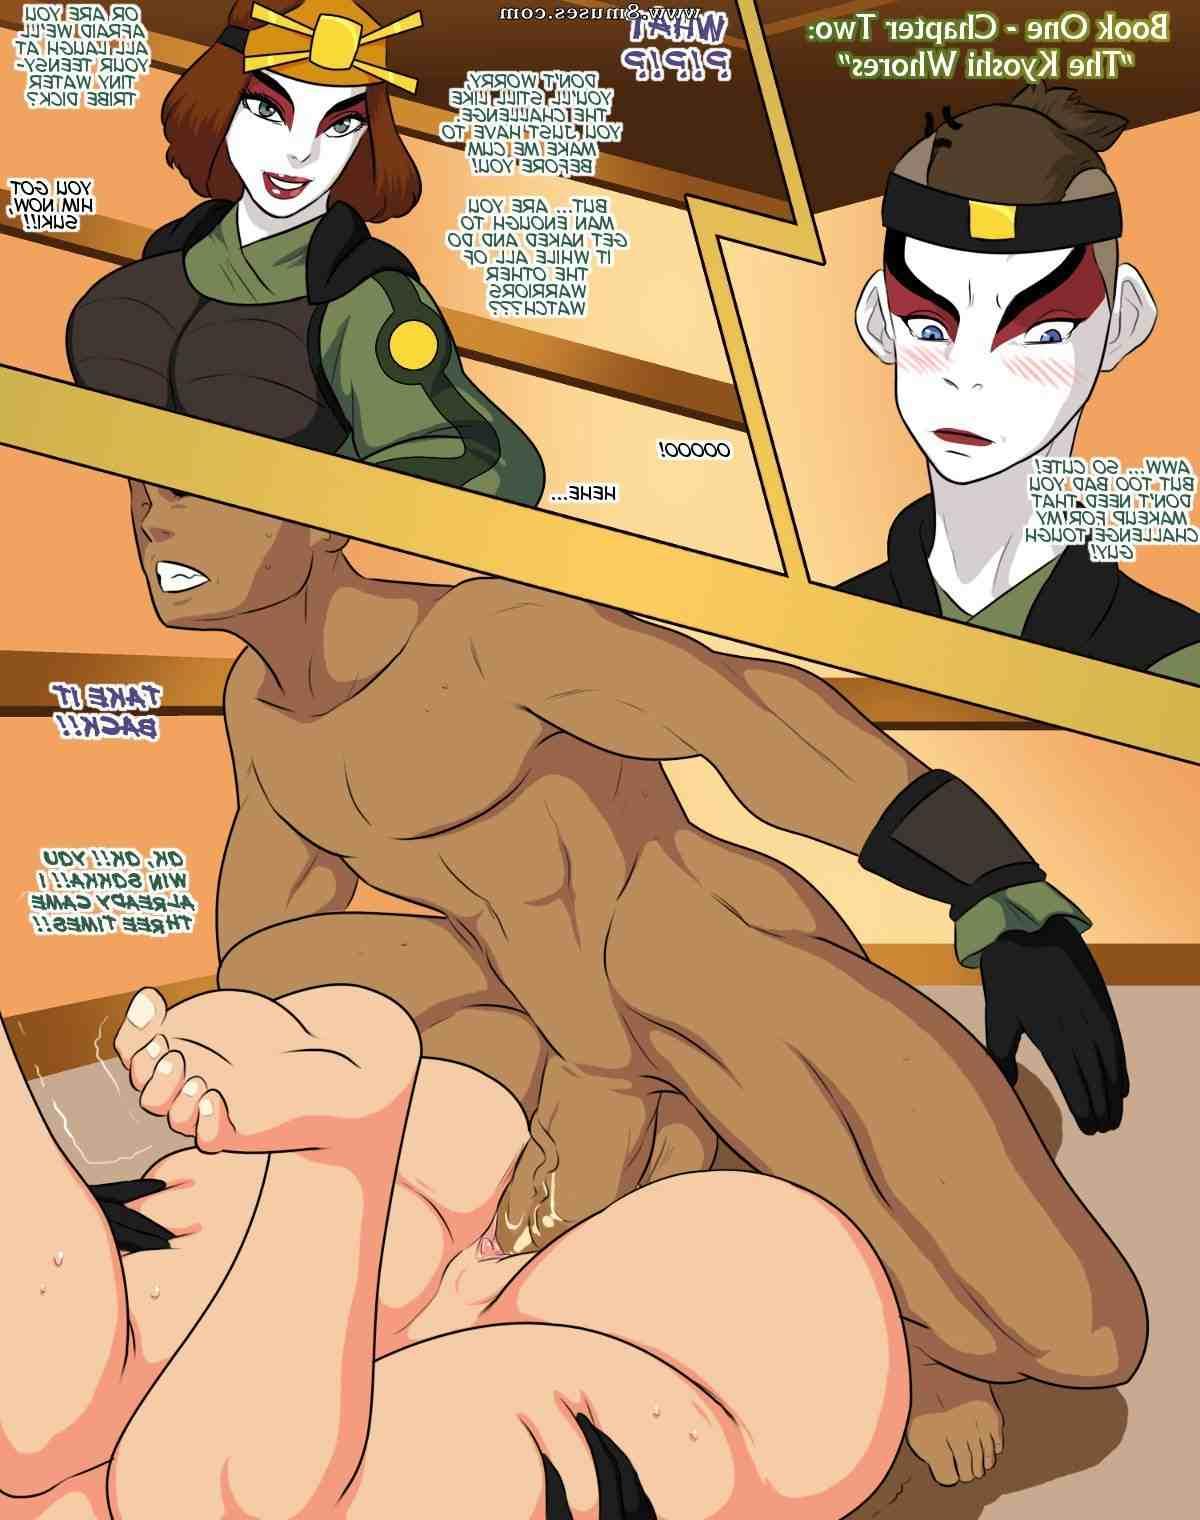 comics/porn-comics-all/Jay-Marvel-Comics/Avatar-XXX Avatar_XXX__8muses_-_Sex_and_Porn_Comics_3.jpg